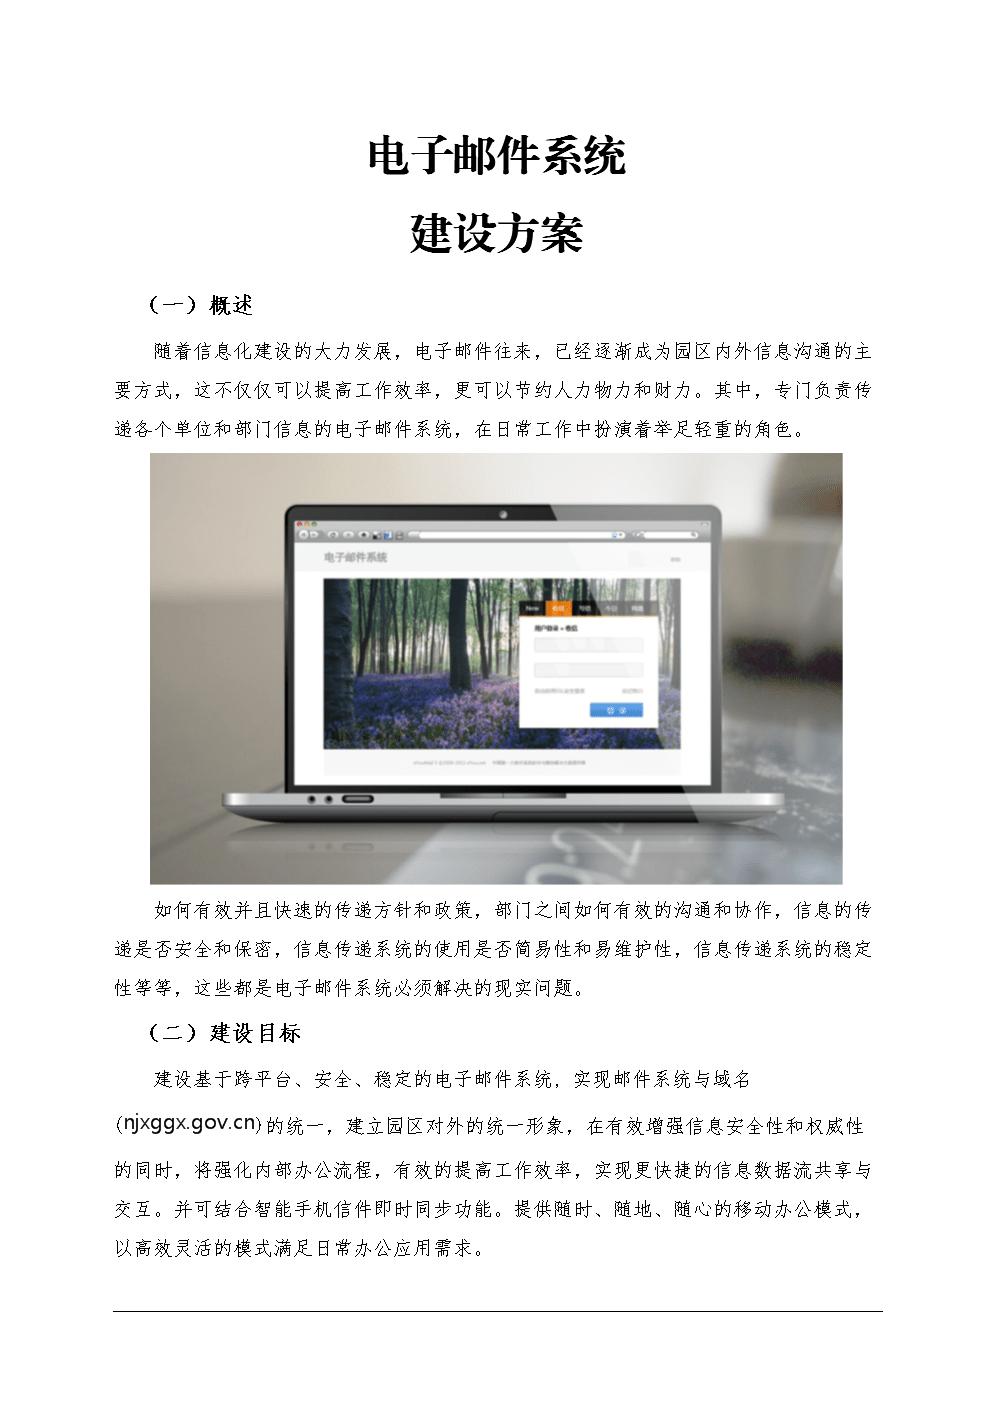 电子邮件系统 - 建设方案.docx